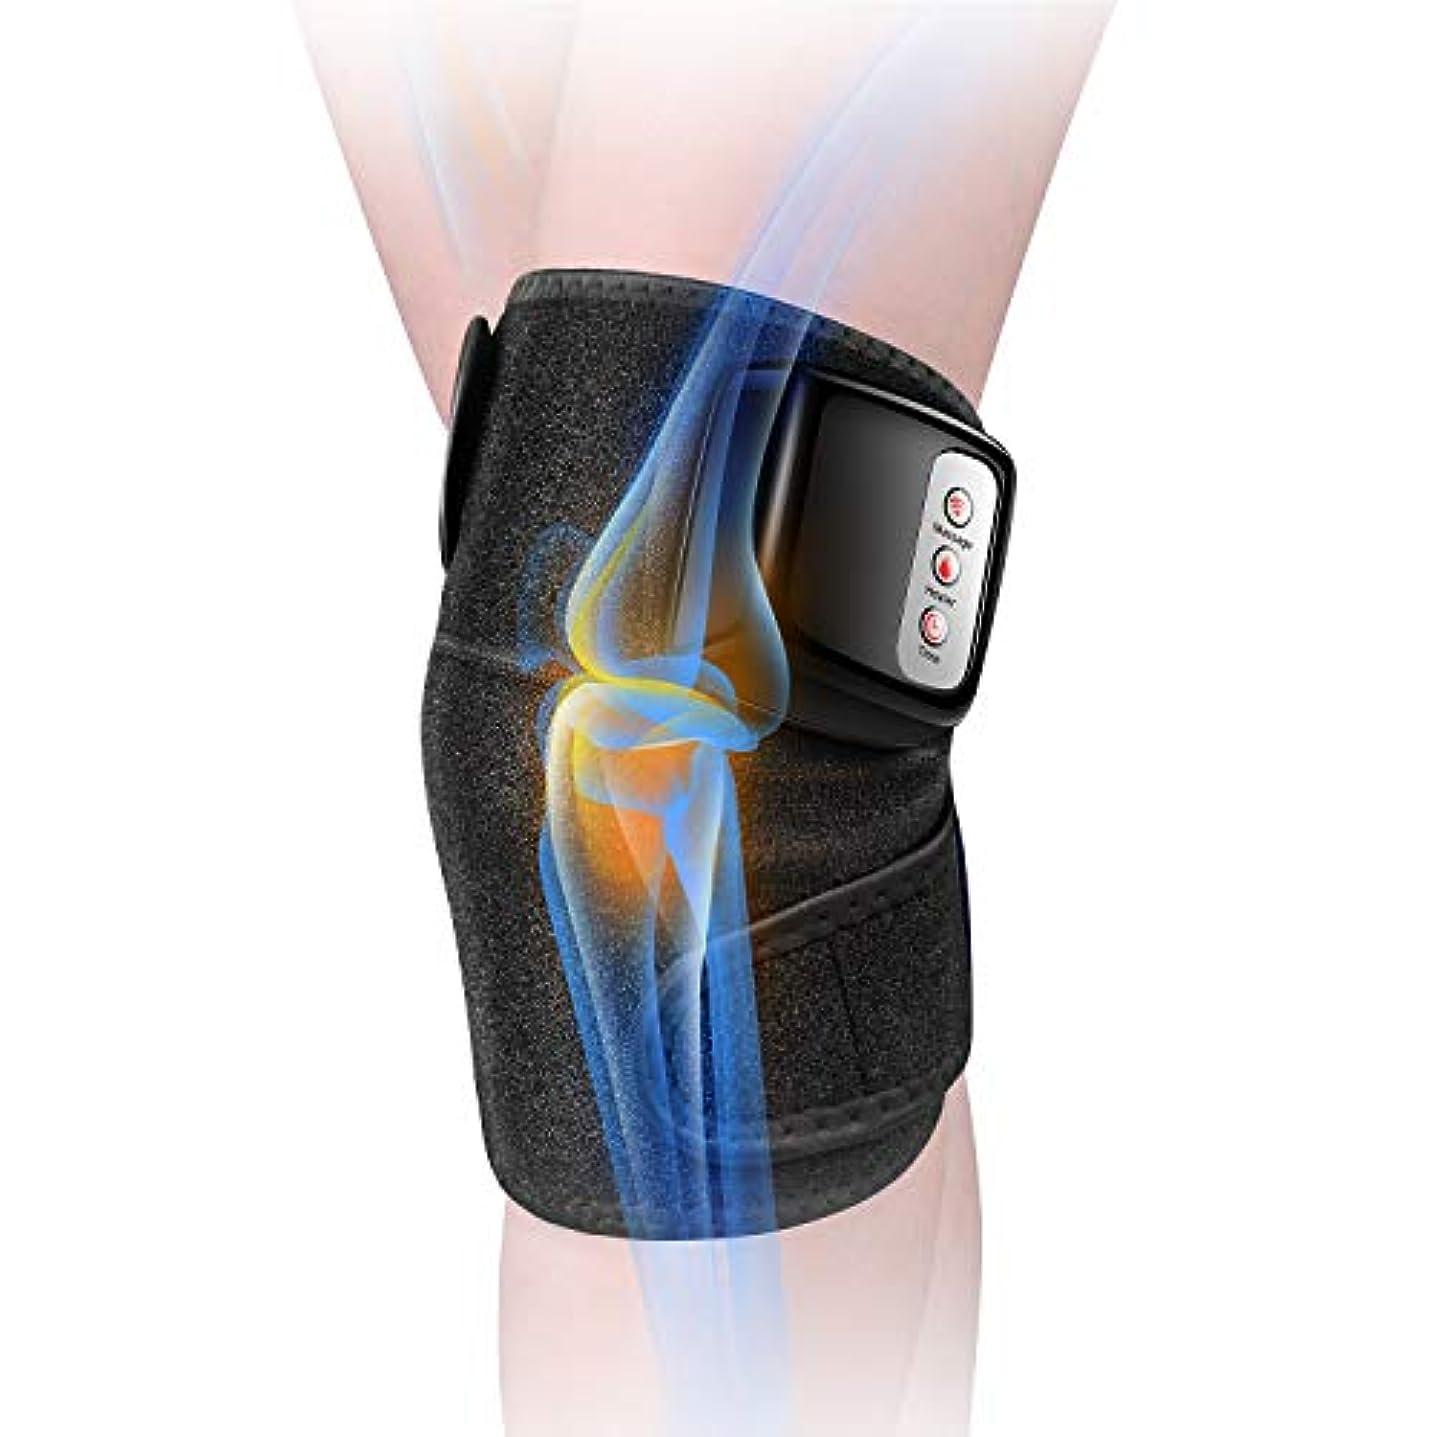 平和オーケストラ意気消沈した膝マッサージャー 関節マッサージャー マッサージ器 フットマッサージャー 振動 赤外線療法 温熱療法 膝サポーター ストレス解消 肩 太もも/腕対応